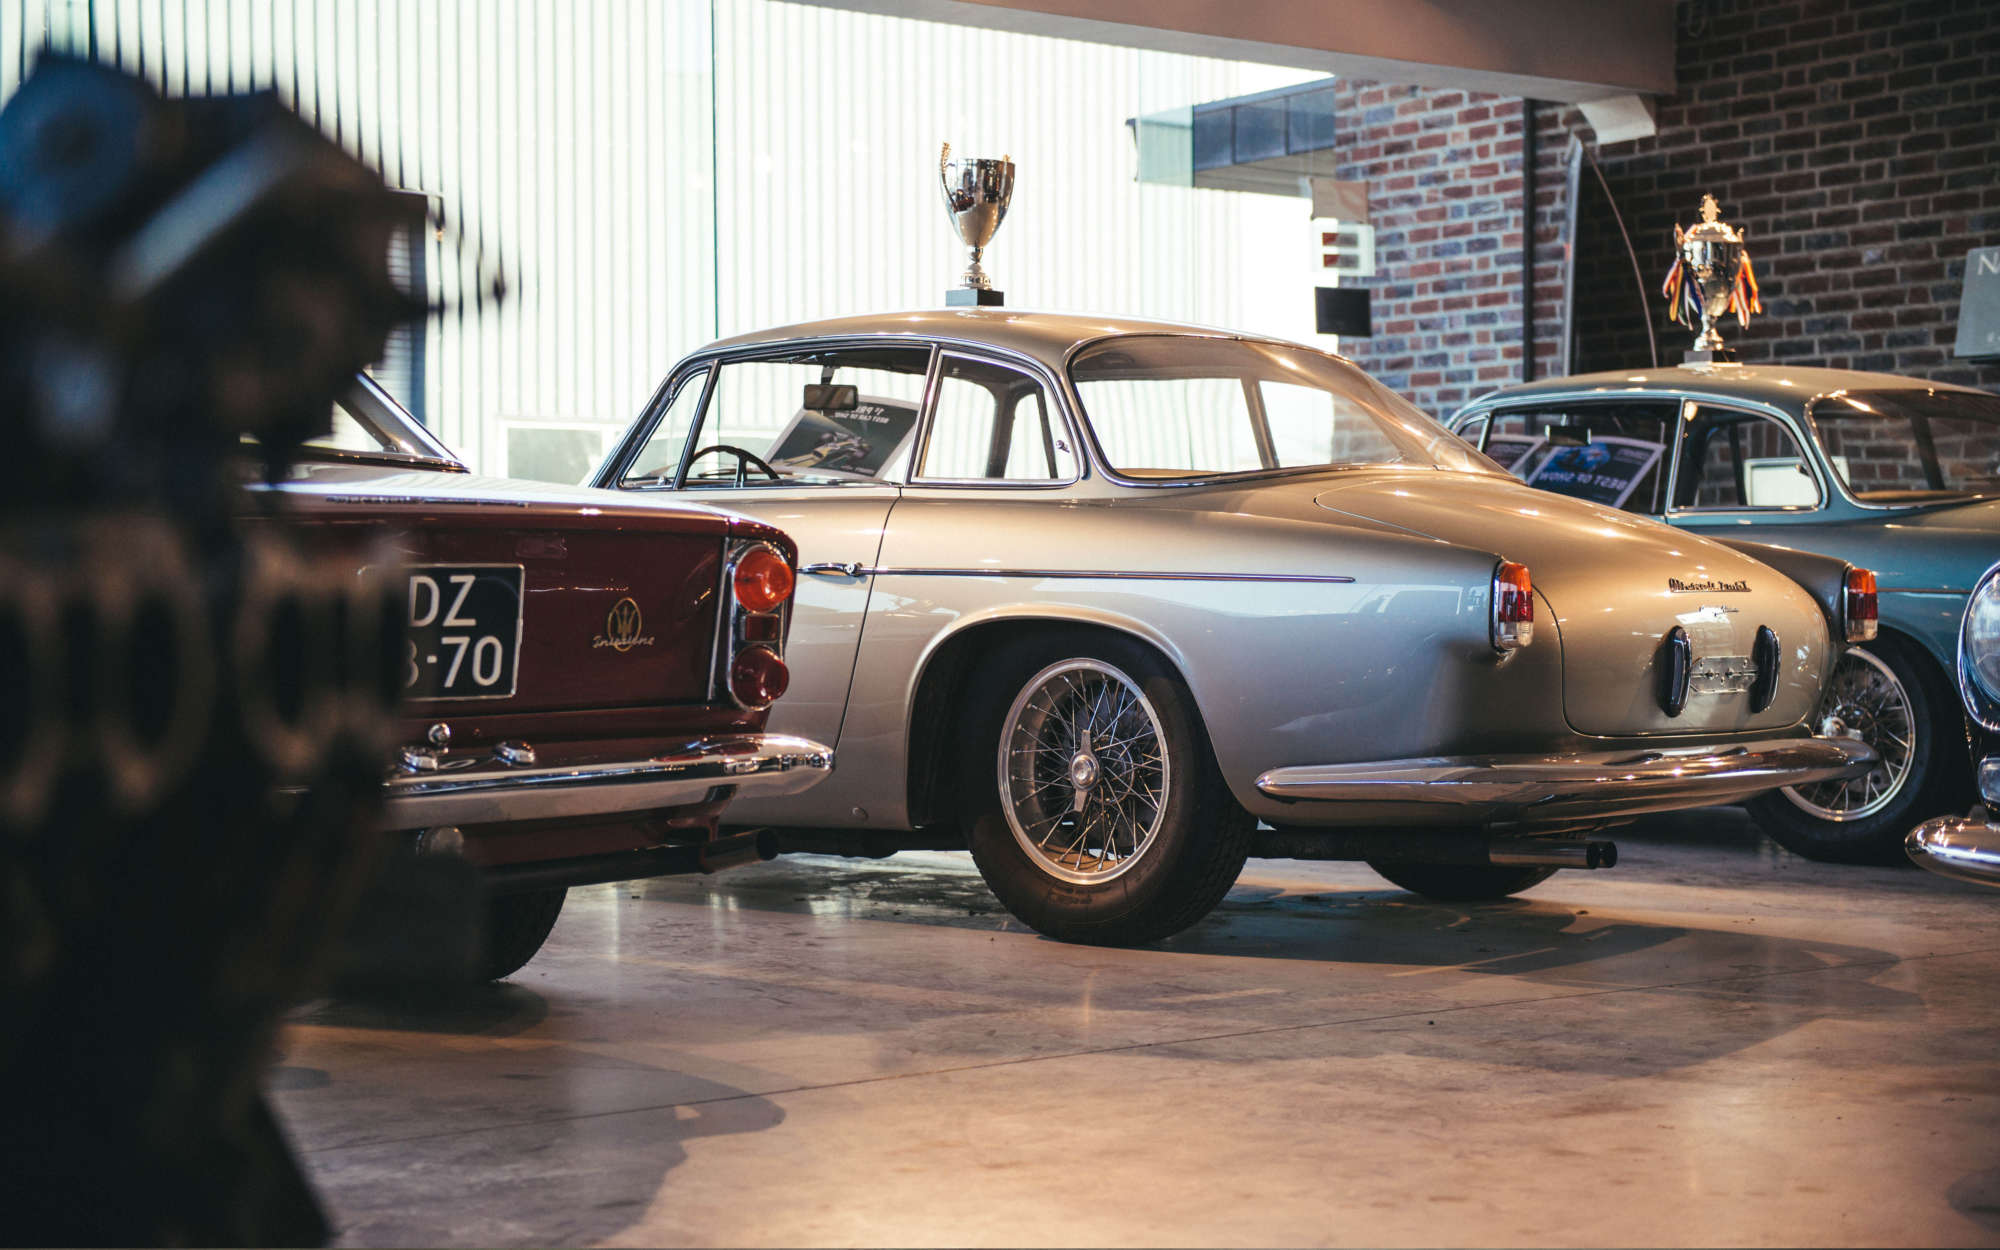 Classic Car Venlo Maserati Alemano header image 6000x3750